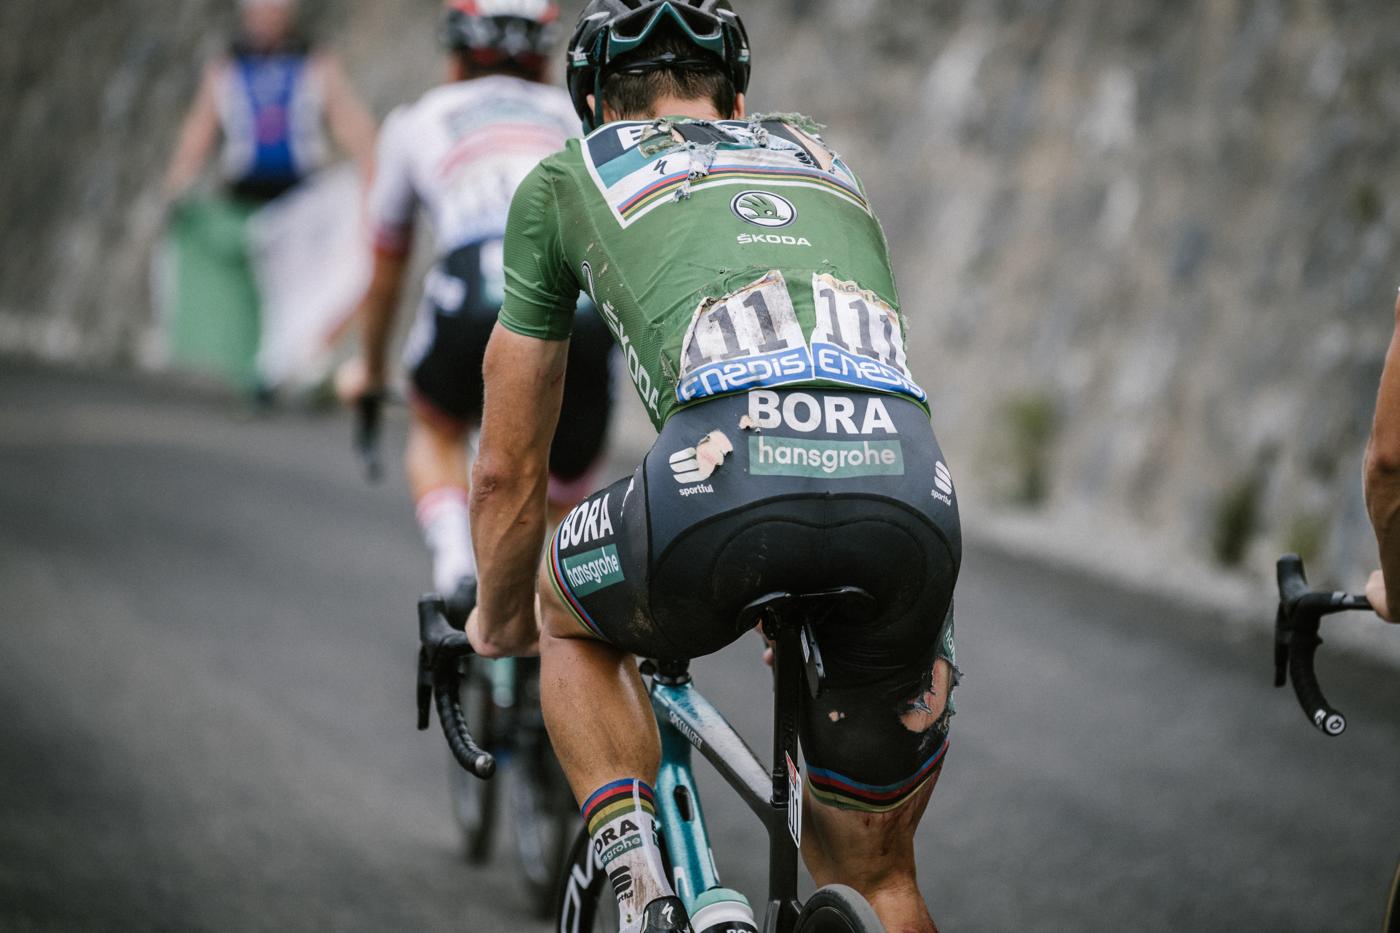 2018 Tour de France Sagan crash damage